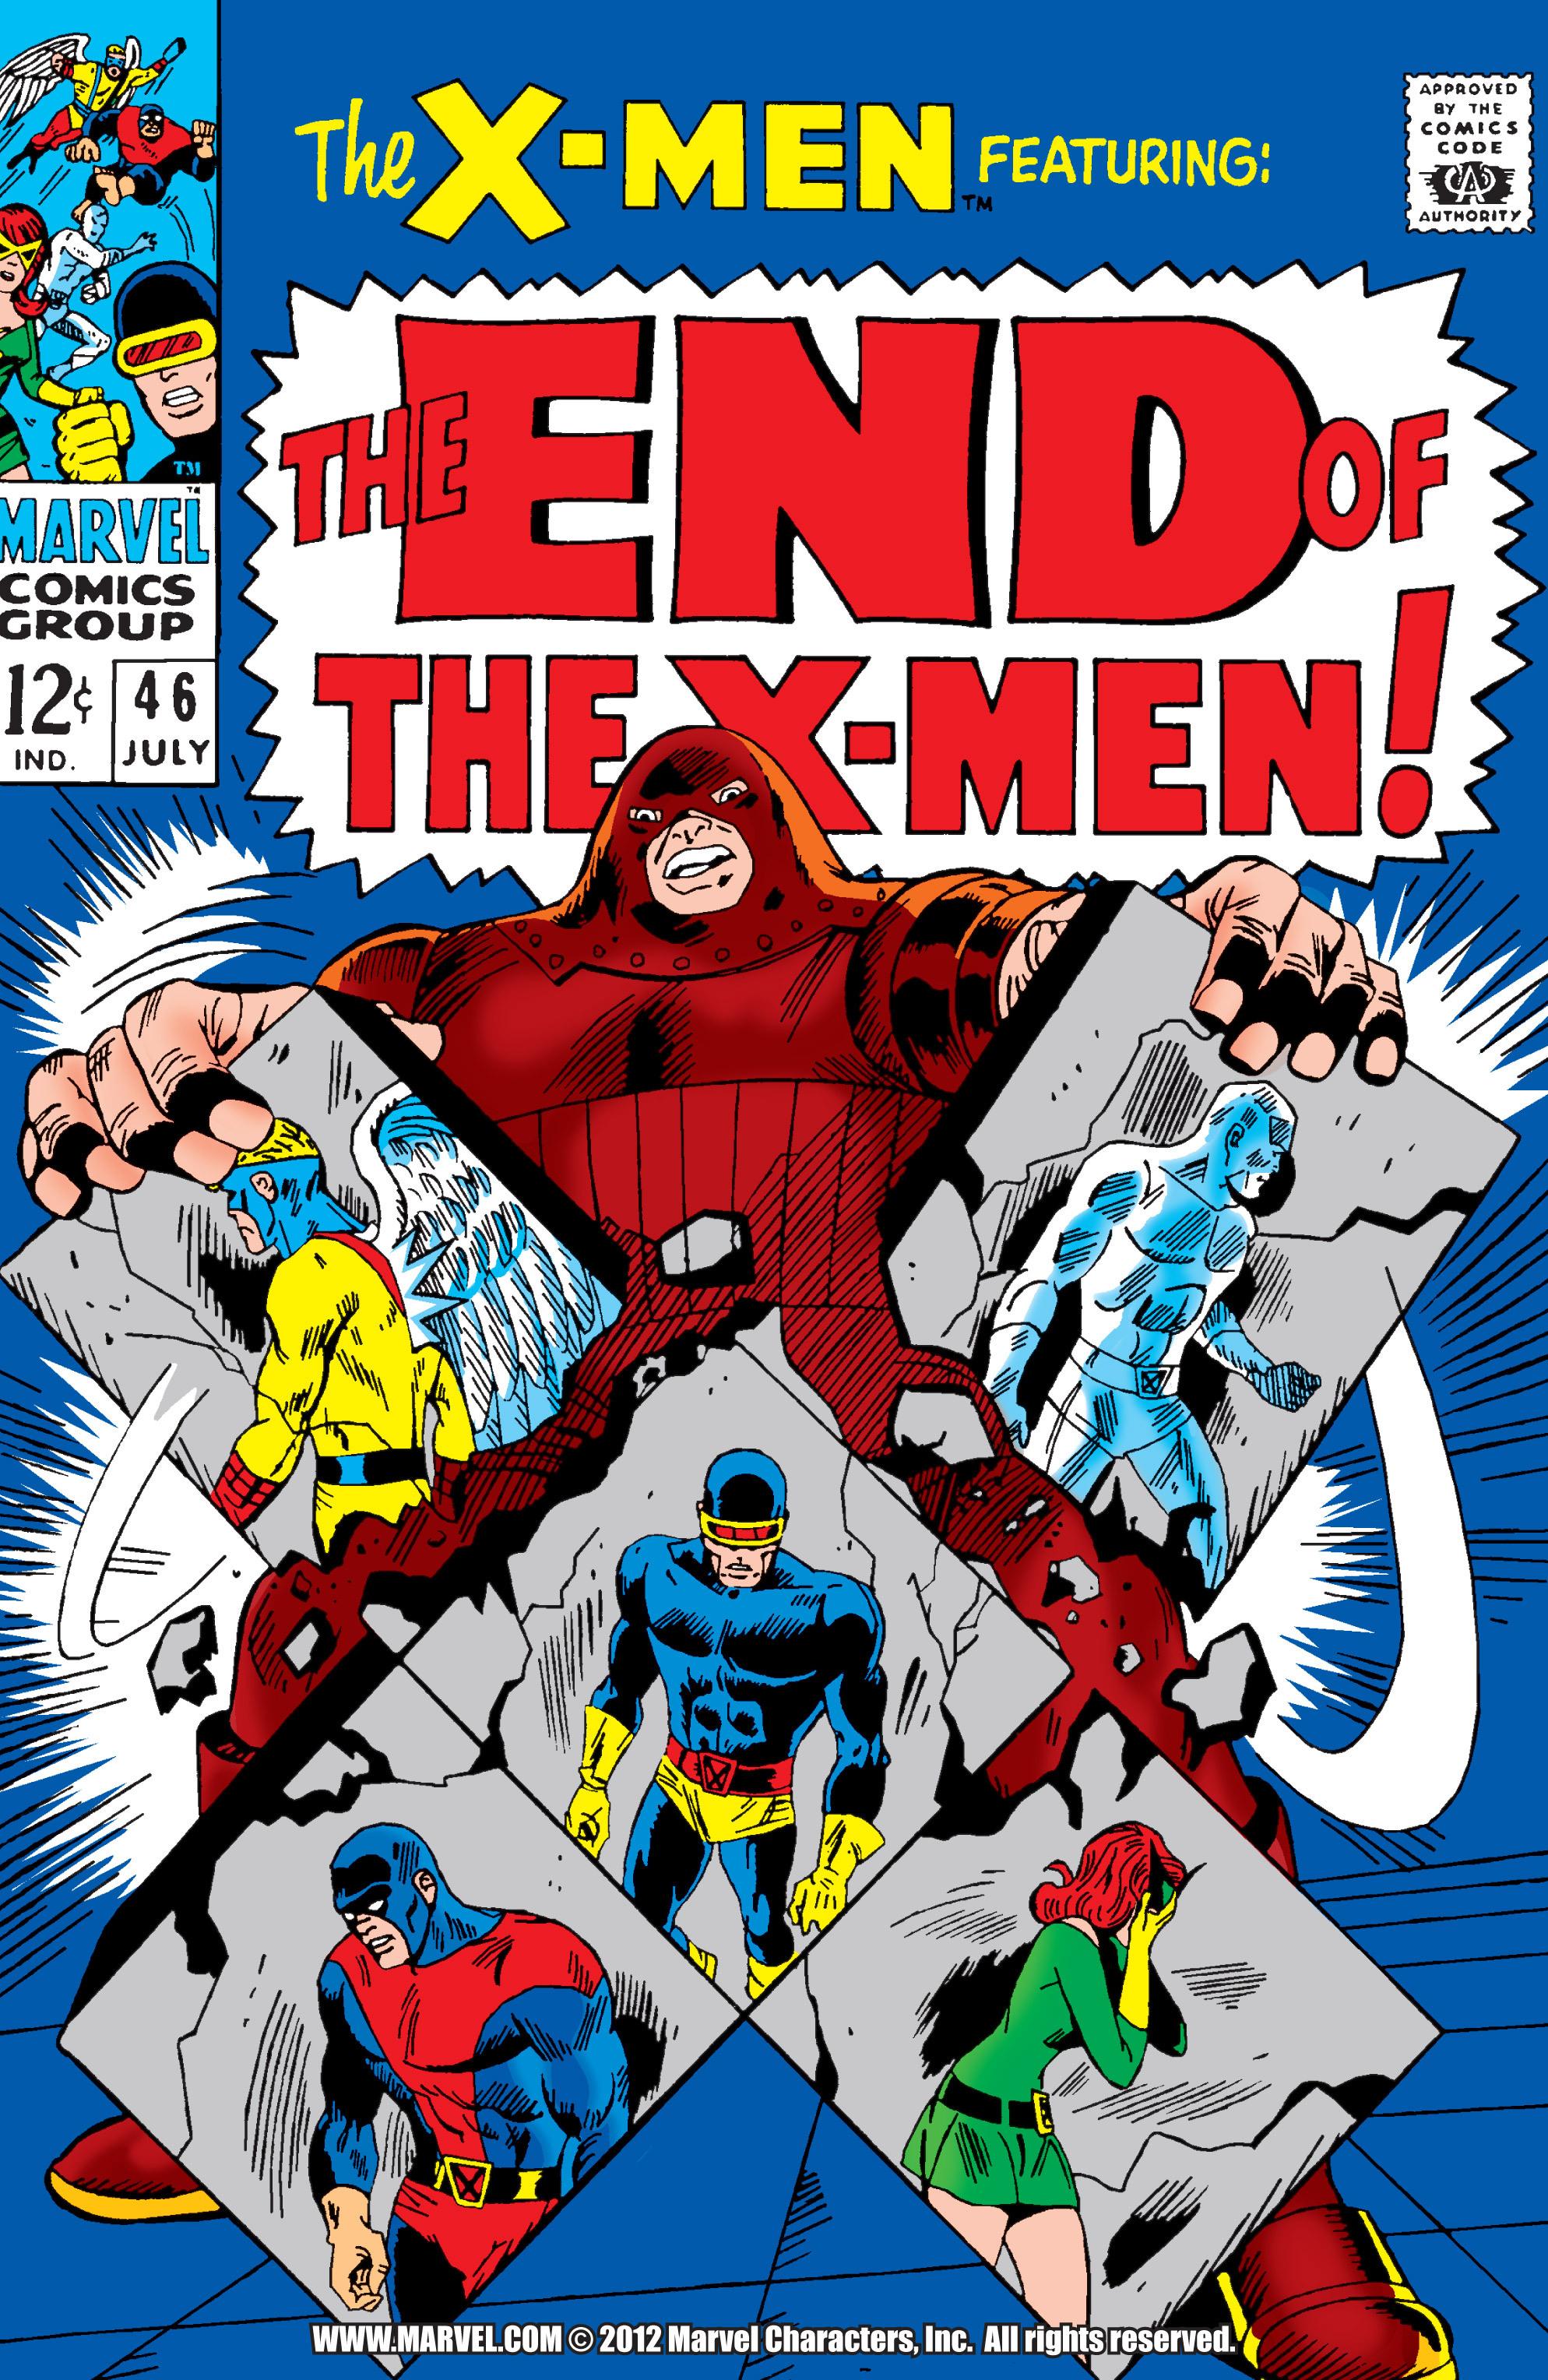 Uncanny X-Men (1963) 46 Page 1